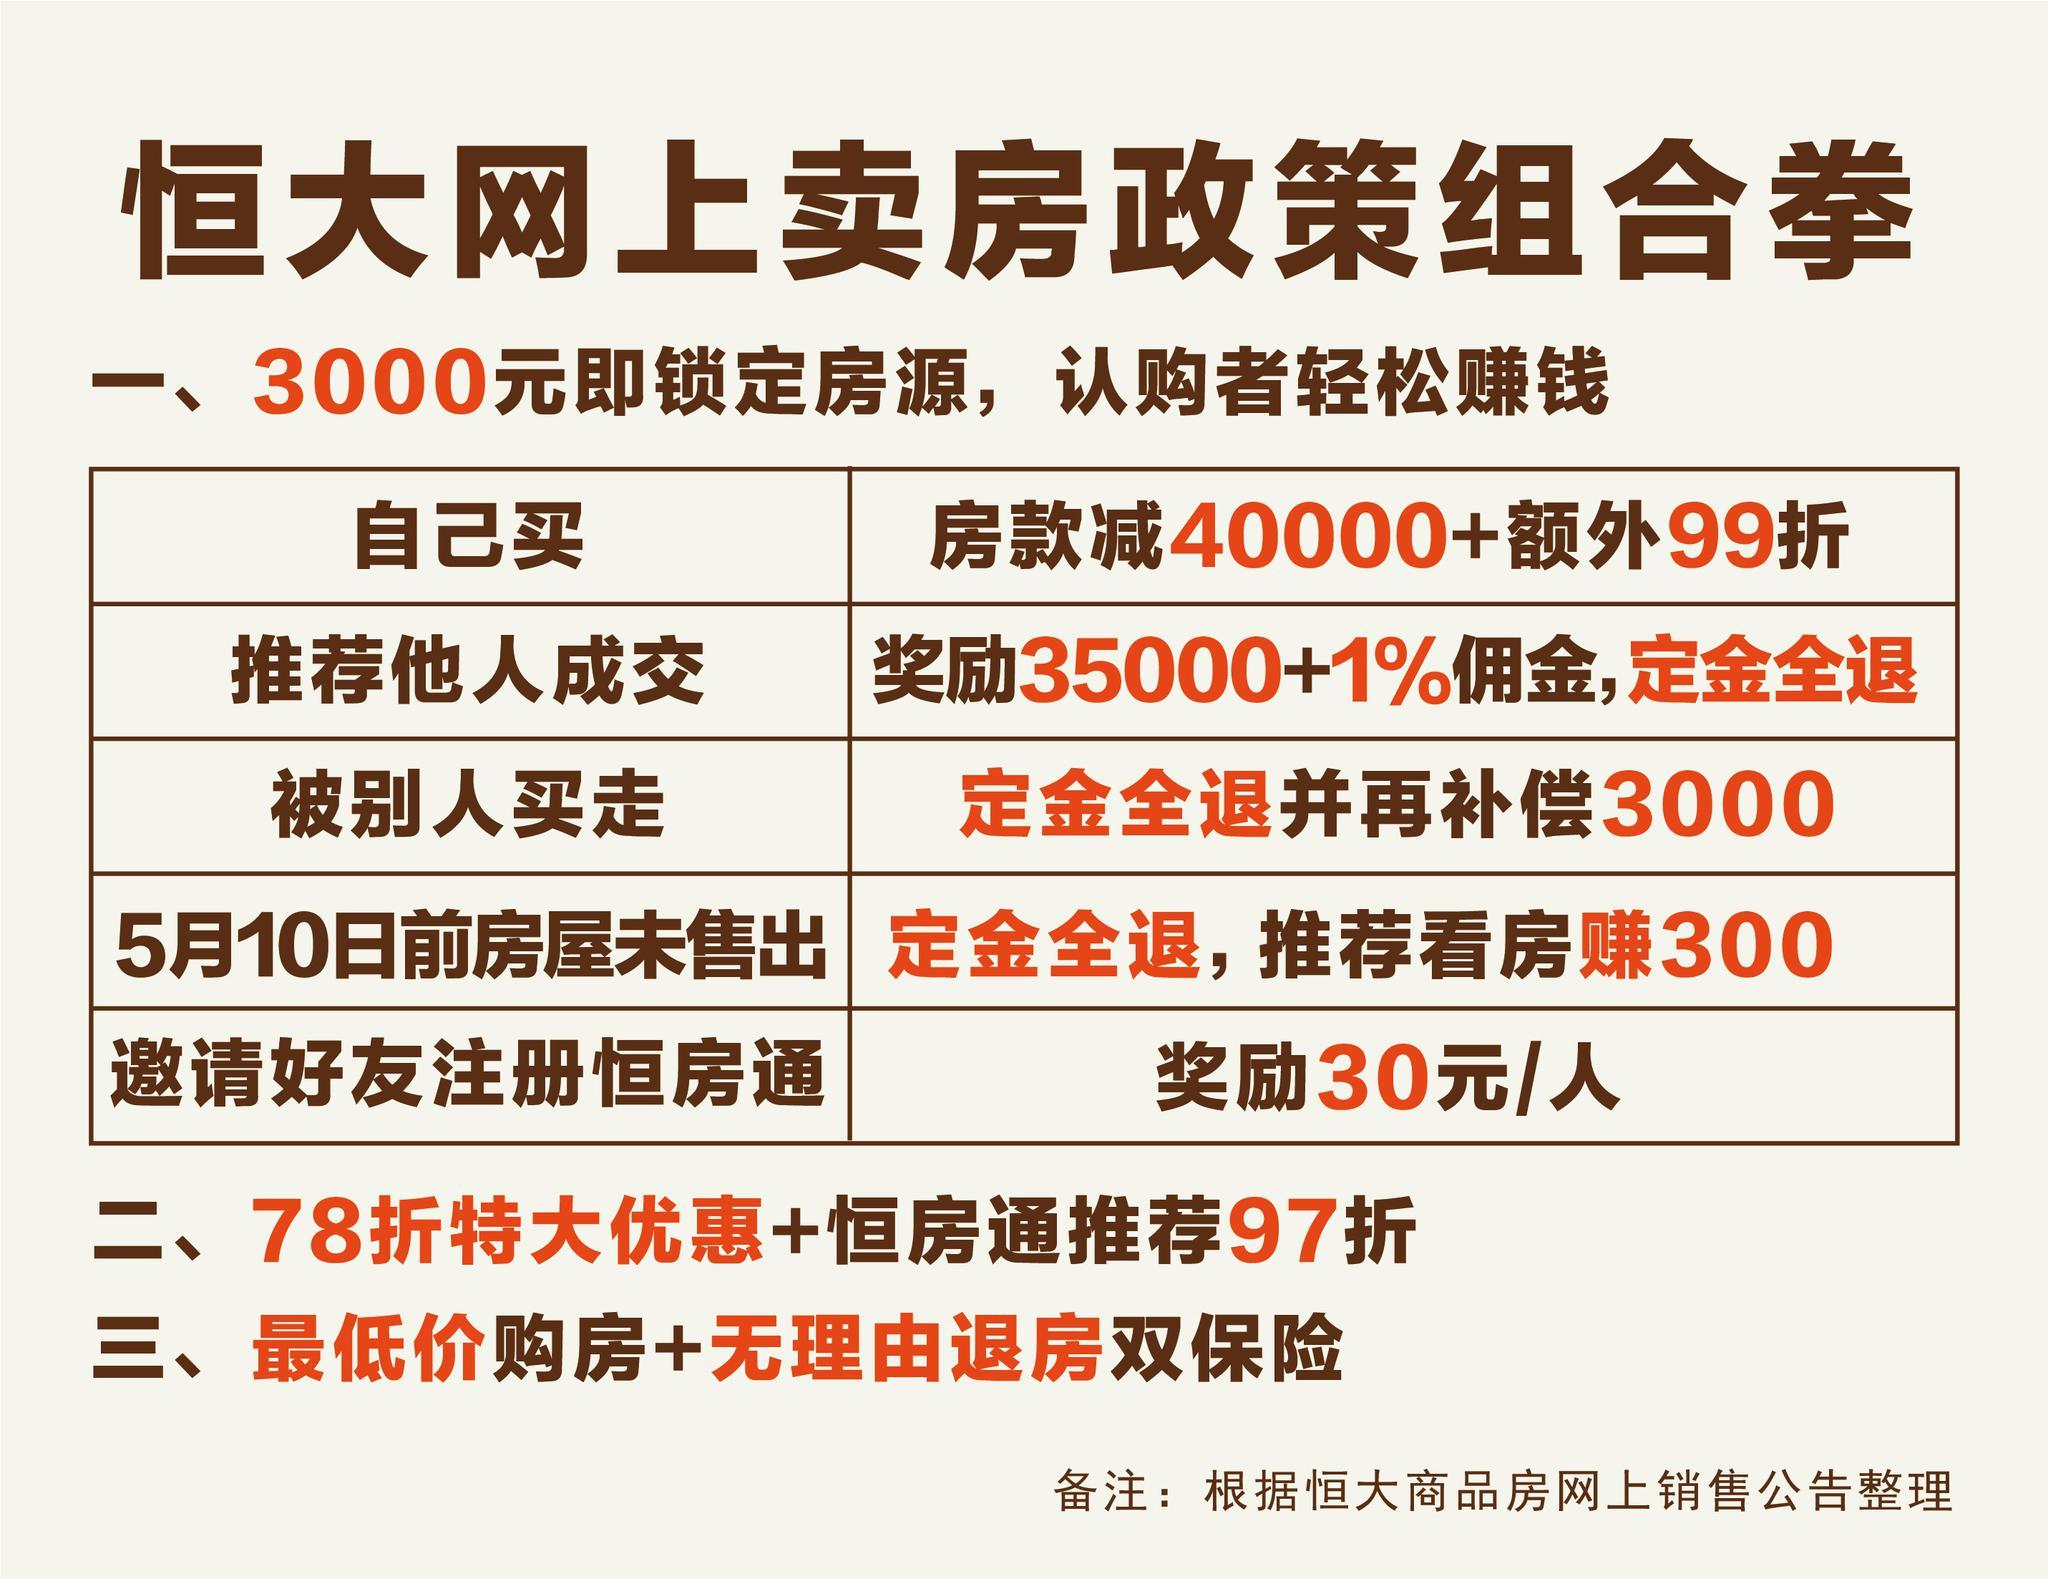 恒大网上卖房营销战略再升级 3000定金可赚35000+